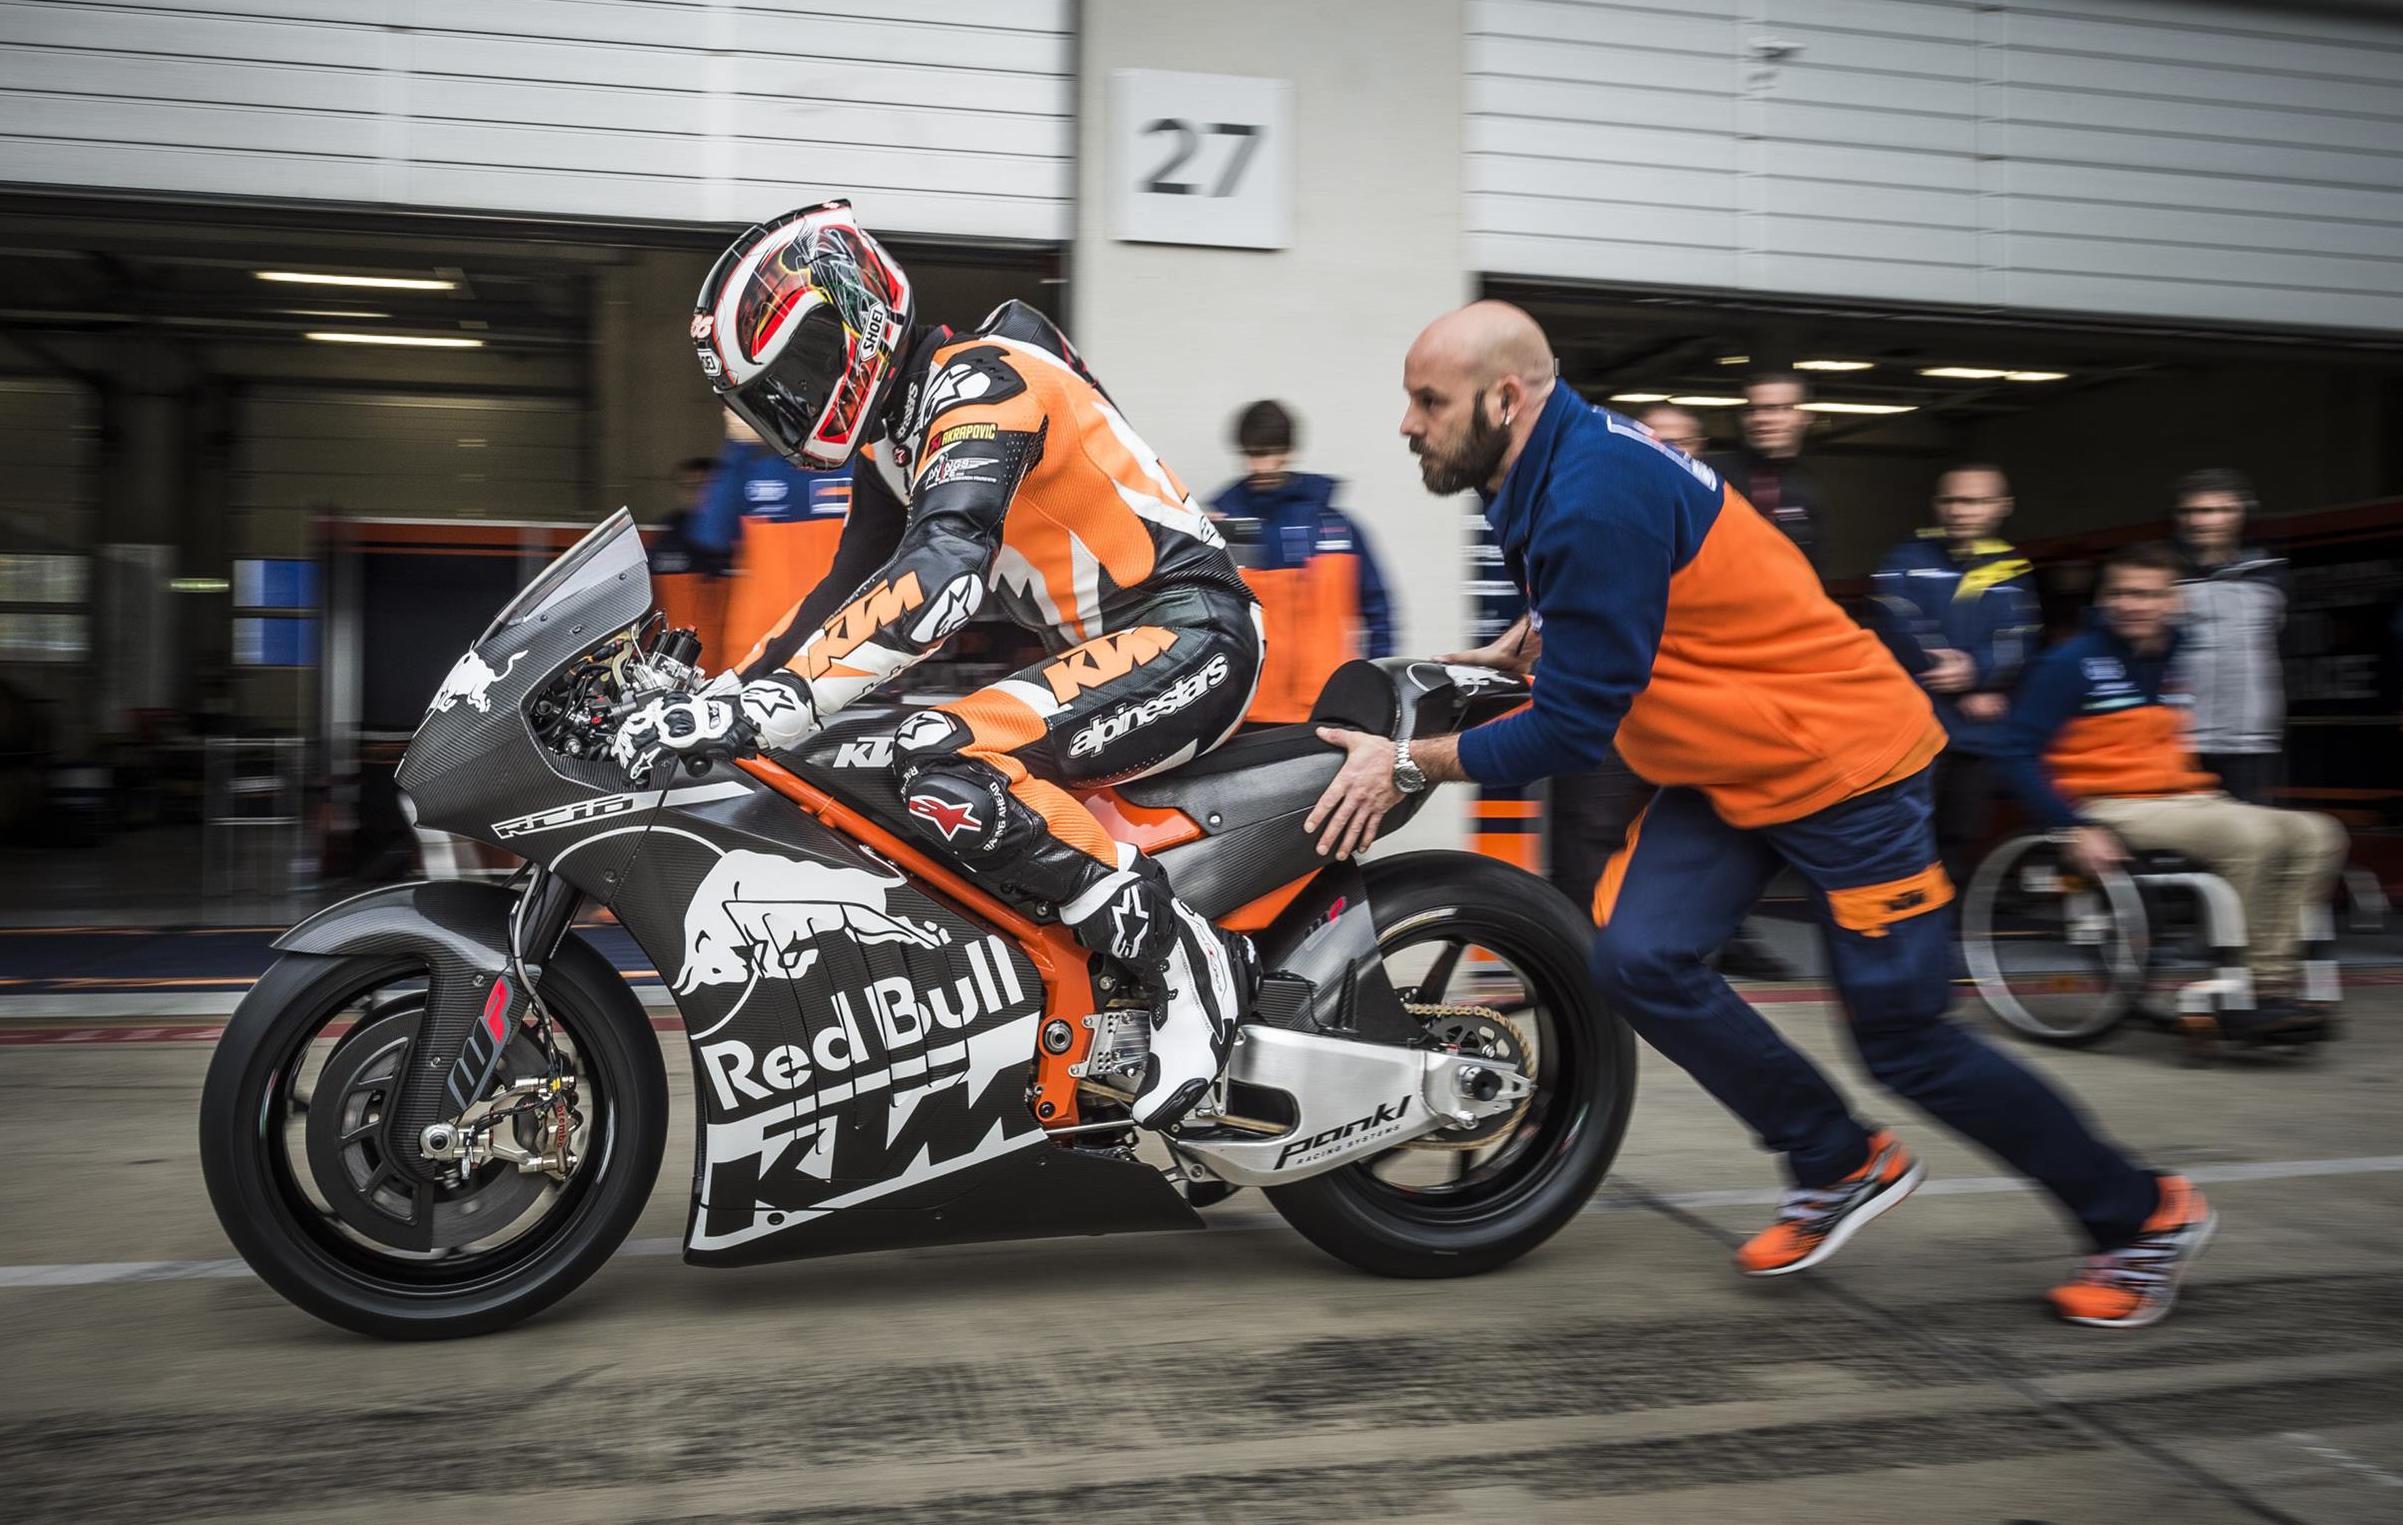 2019 sees Tech 3 join KTM Motorsports for MotoGP